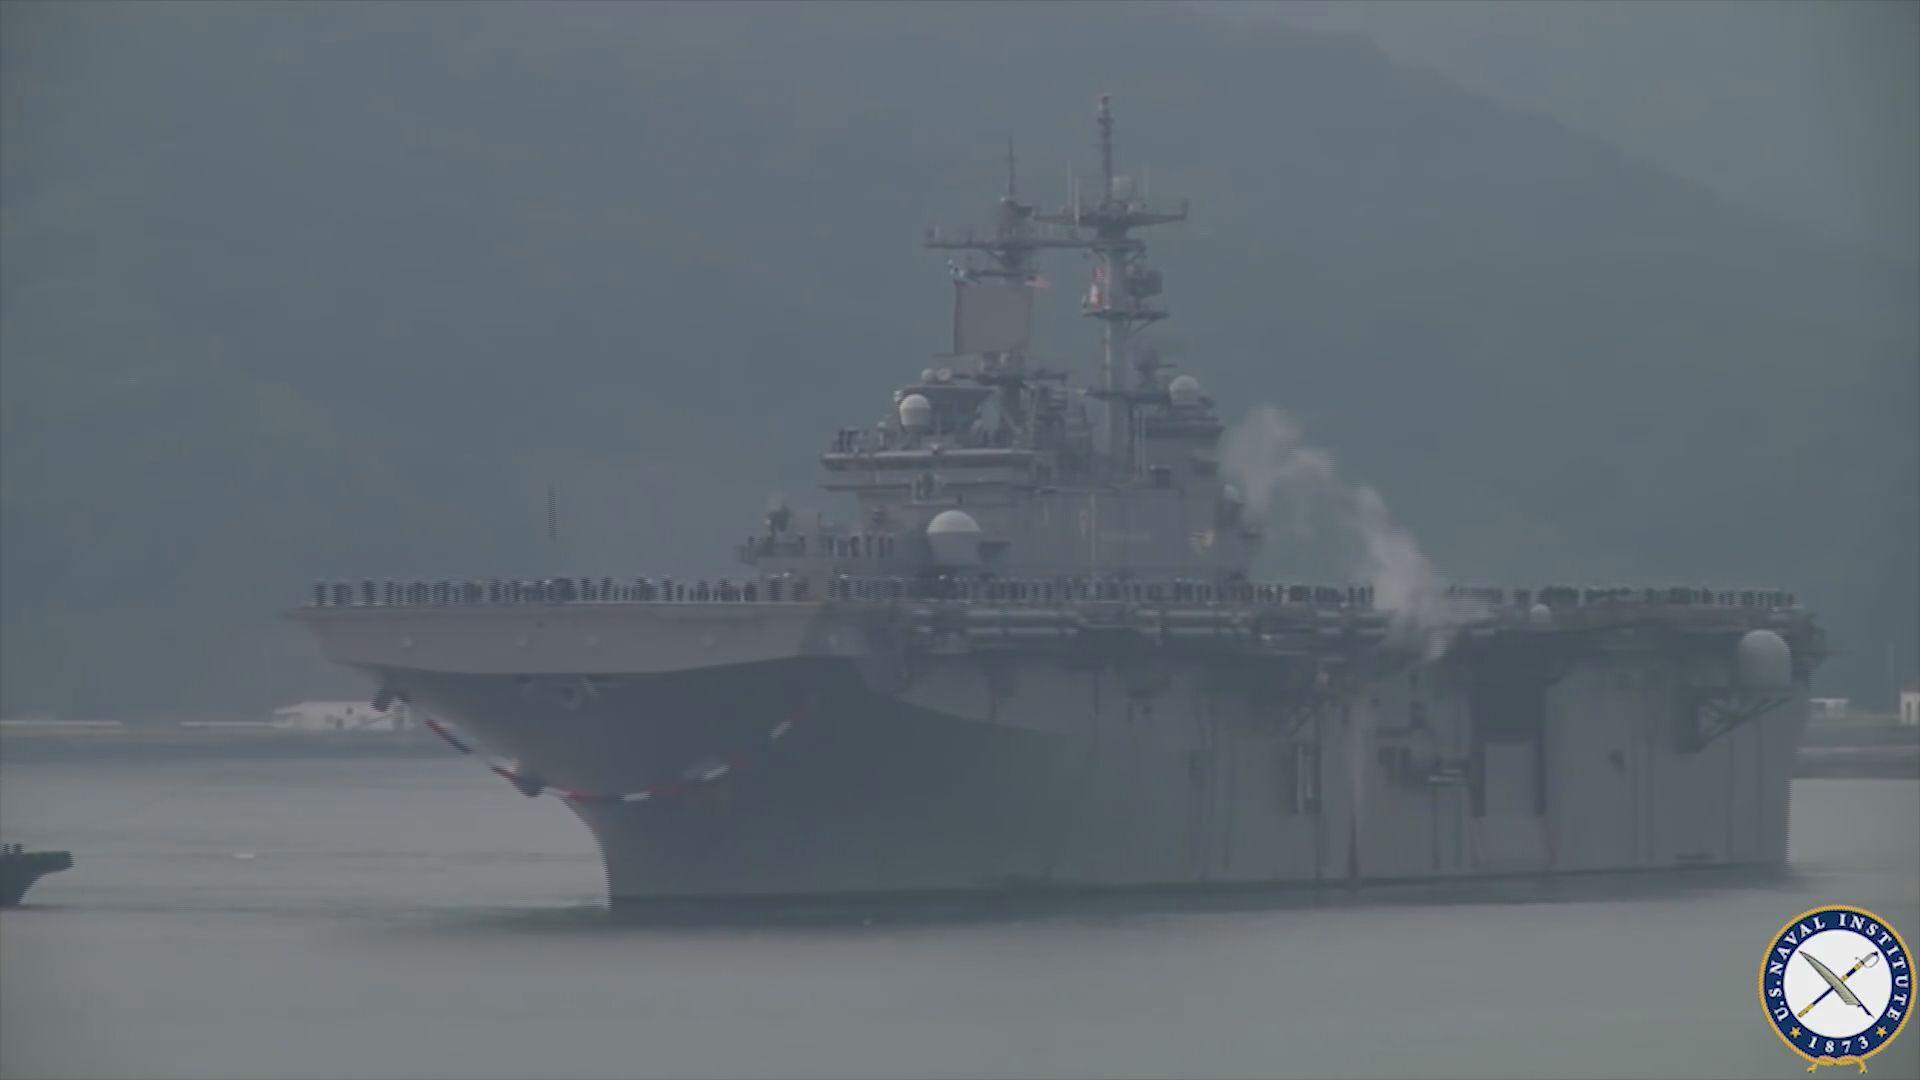 中國拒絕美軍攻擊艦訪港申請